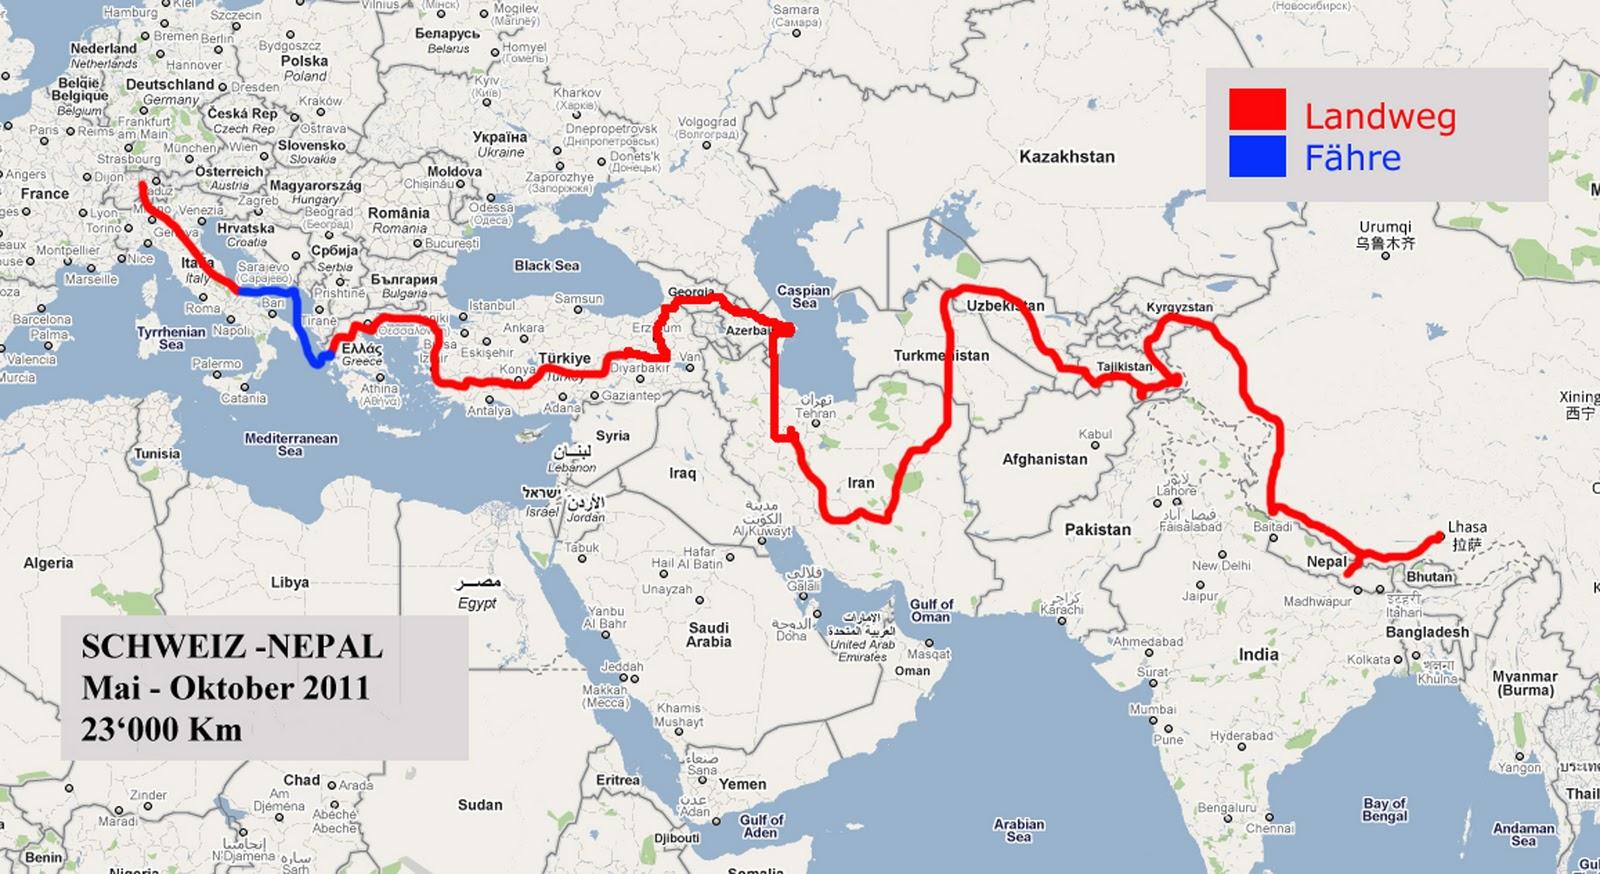 Seidenstrasse: Route